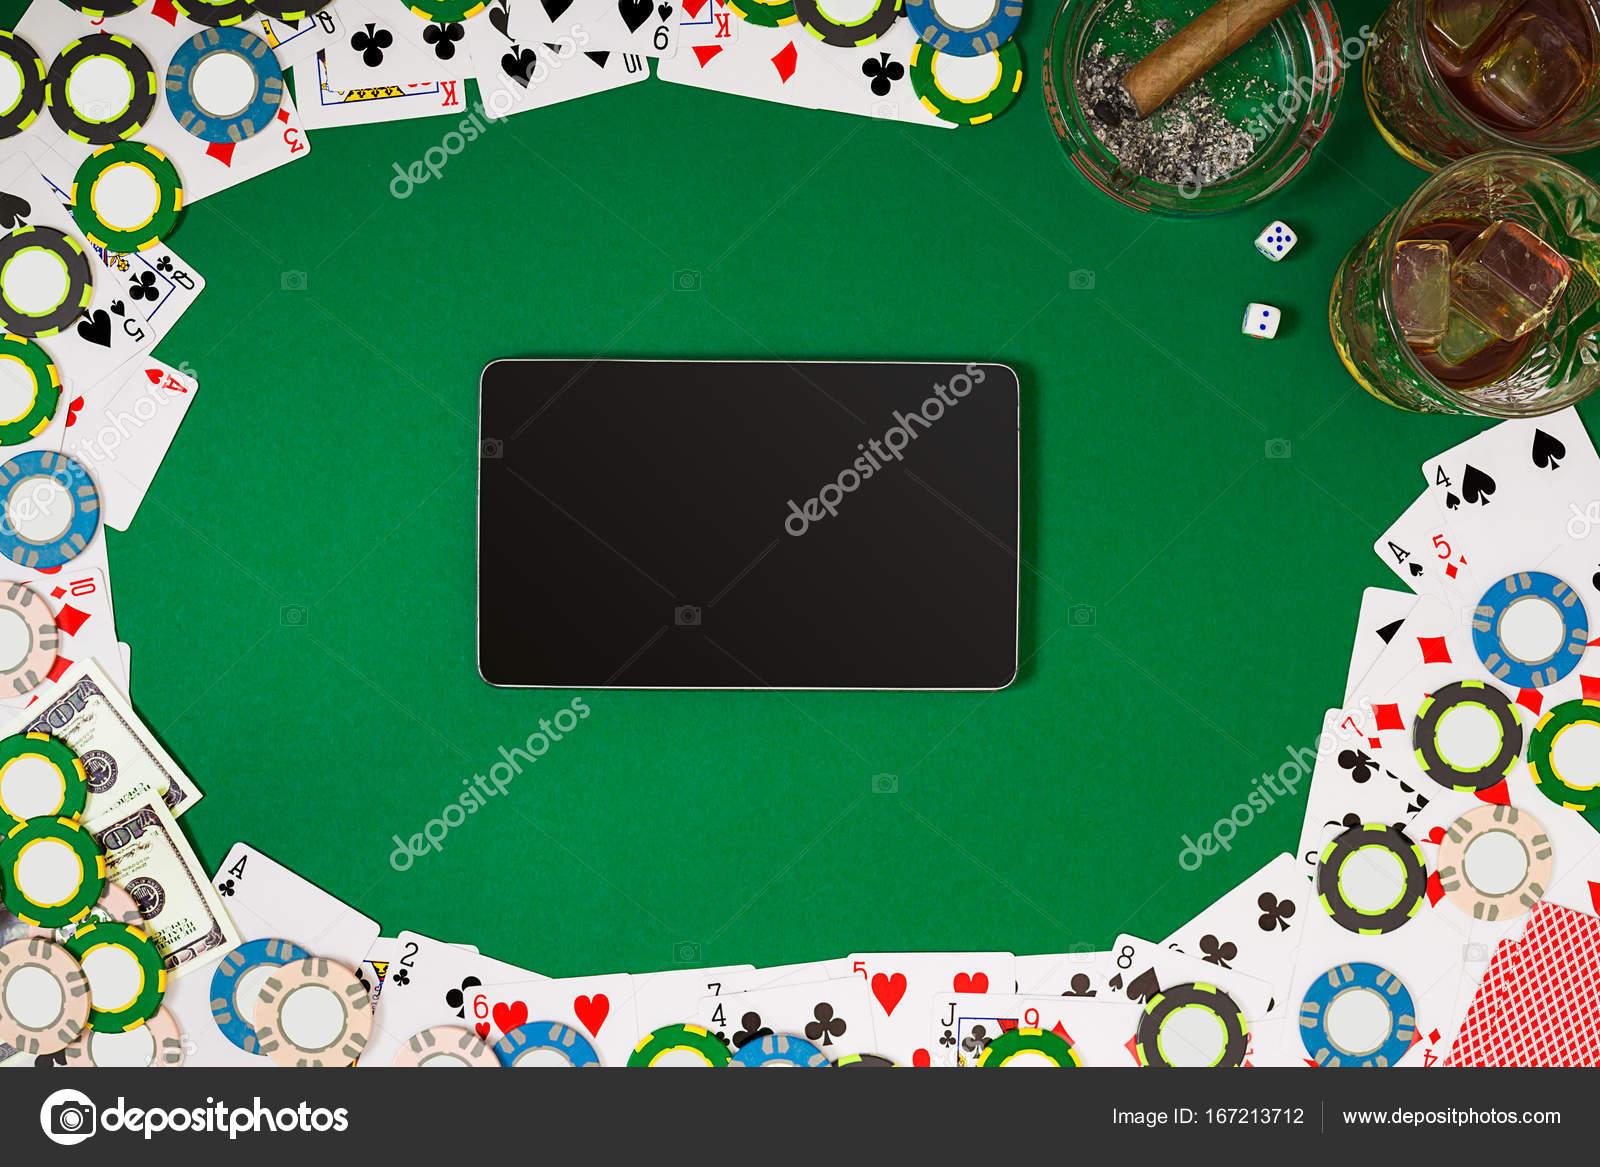 Игры онлайн покер карты как прибыльно играть в казино